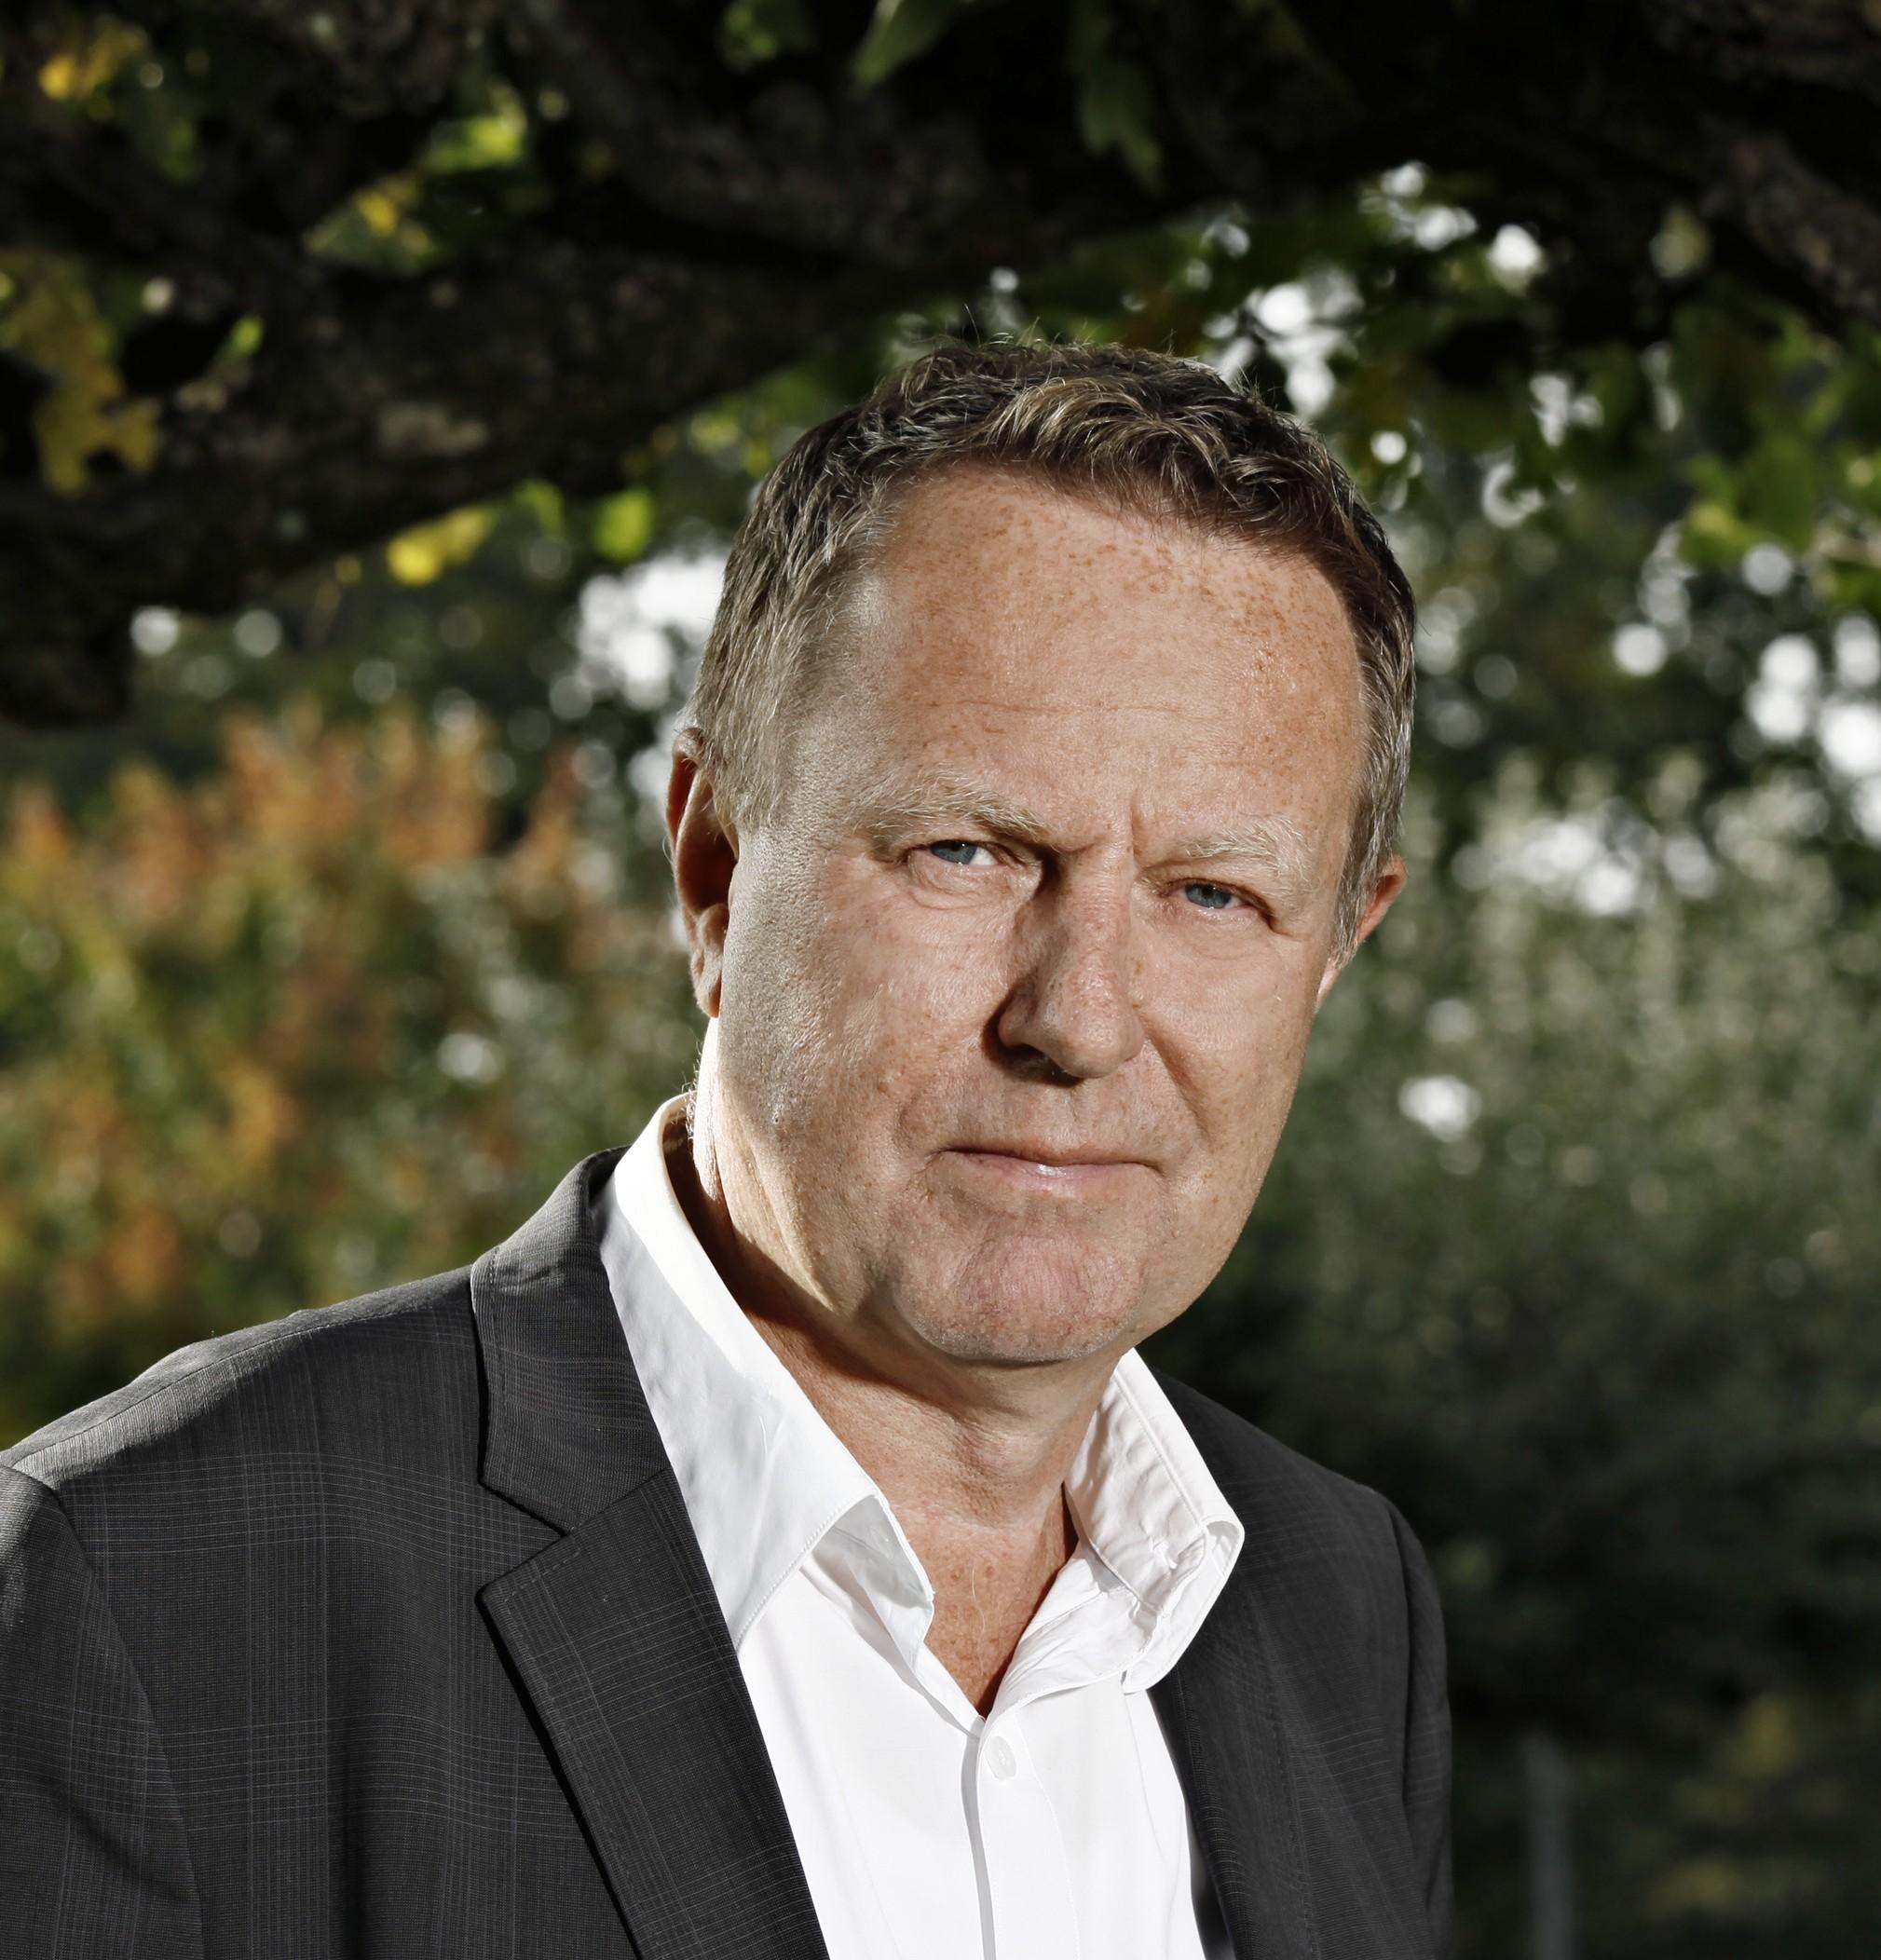 Prof. Bjarne Bruun Jensen